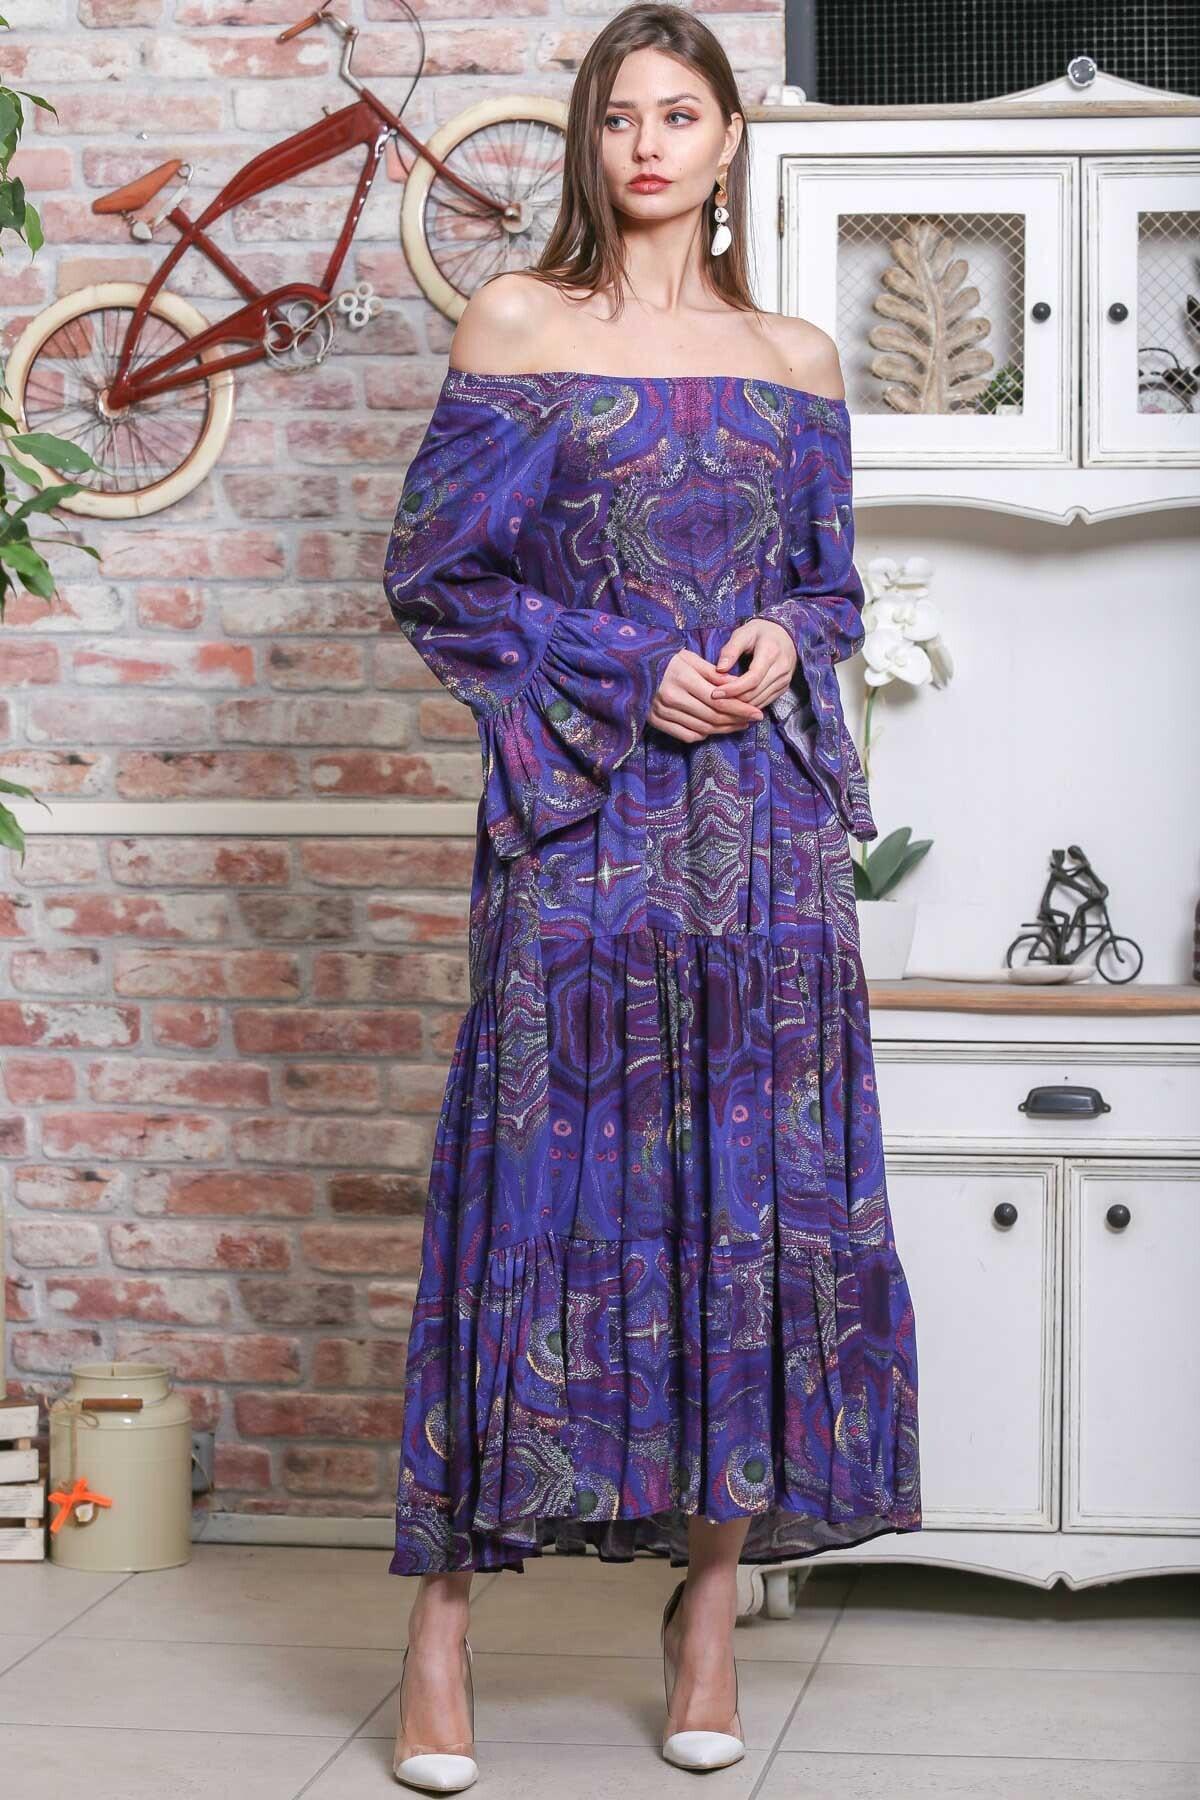 Chiccy Kadın Mor Carmen Yaka Sulu Boya Desenli Kol Ucu Volanlı Salaş Dokuma Elbise M10160000EL95906